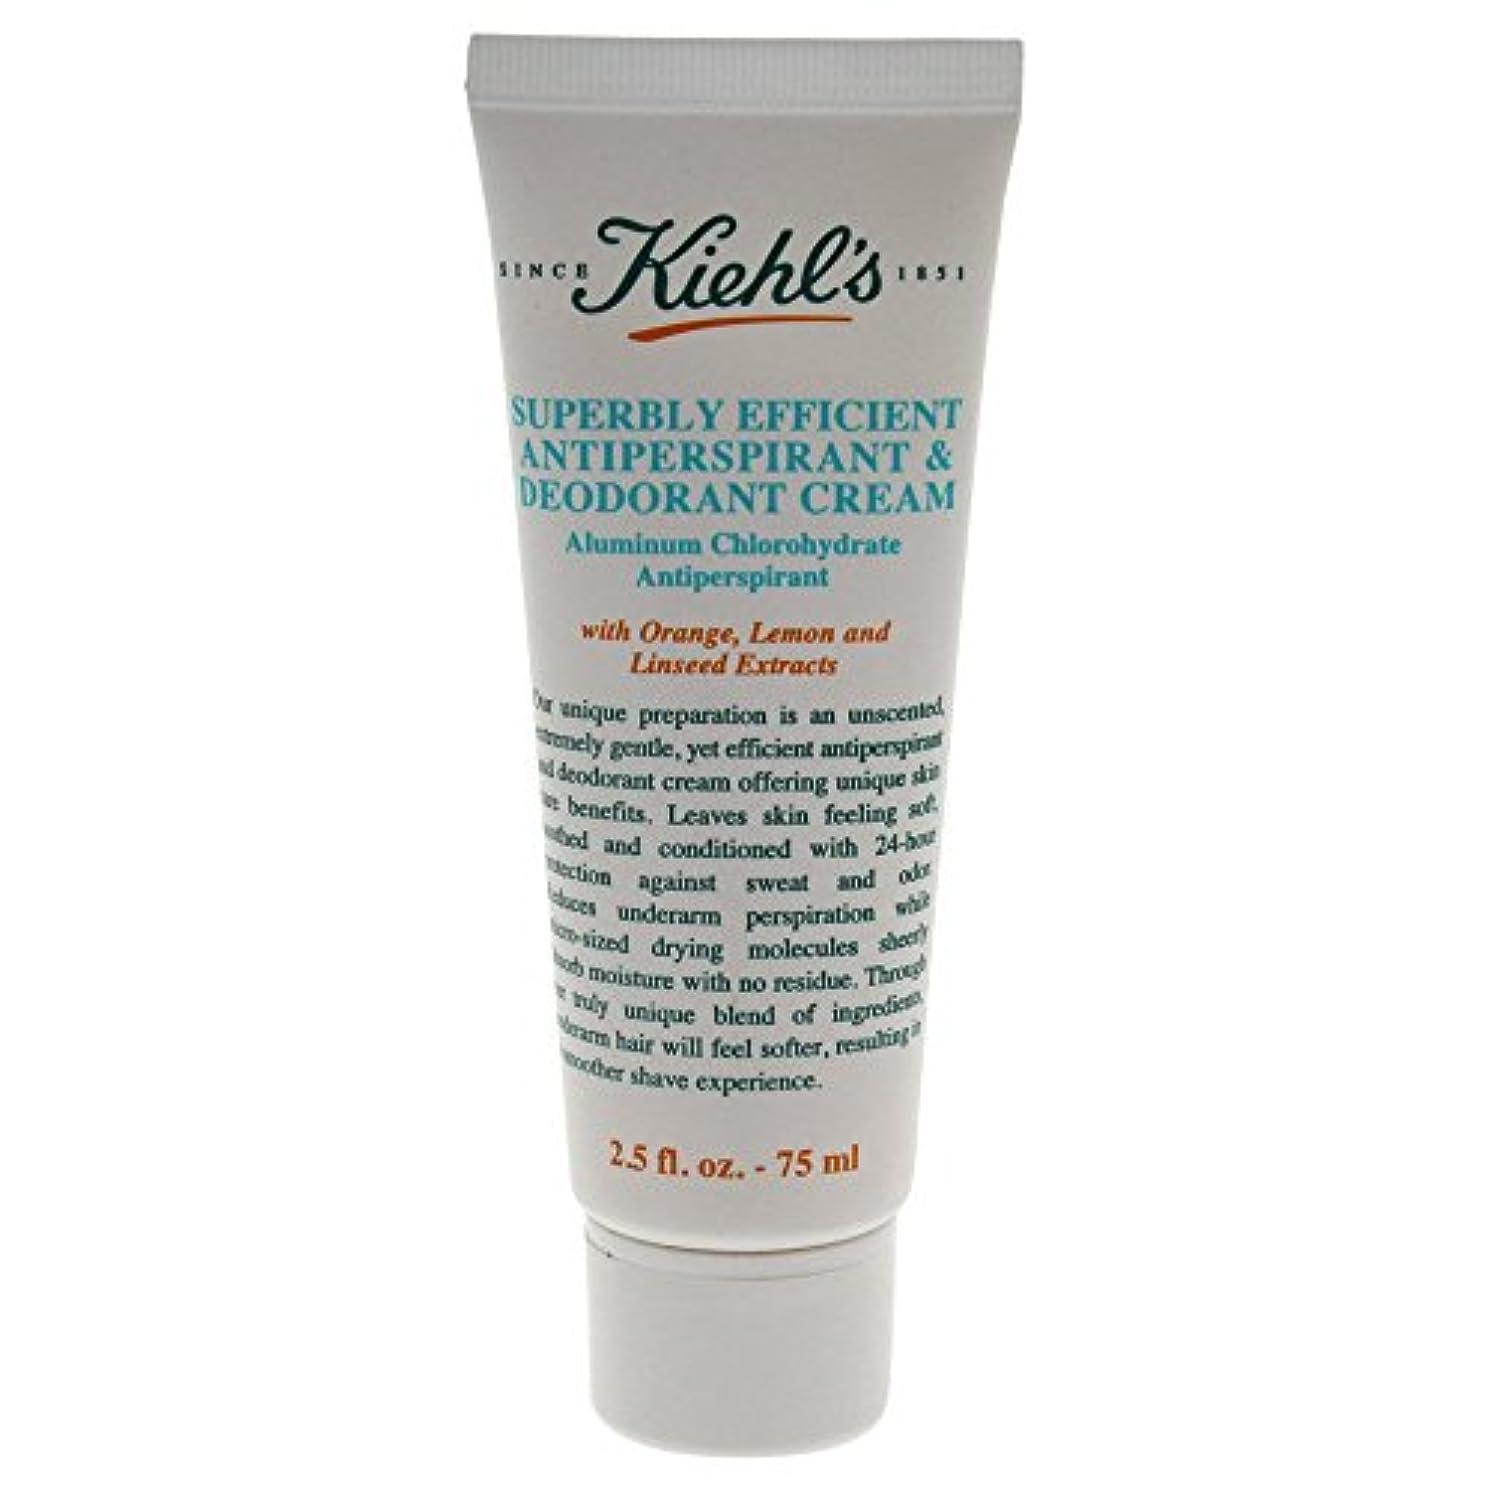 報酬のホース目を覚ますKiehl's Superbly Efficient Anti Perspirant & Deodorant Cream - Full Size 2.5oz (75ml)